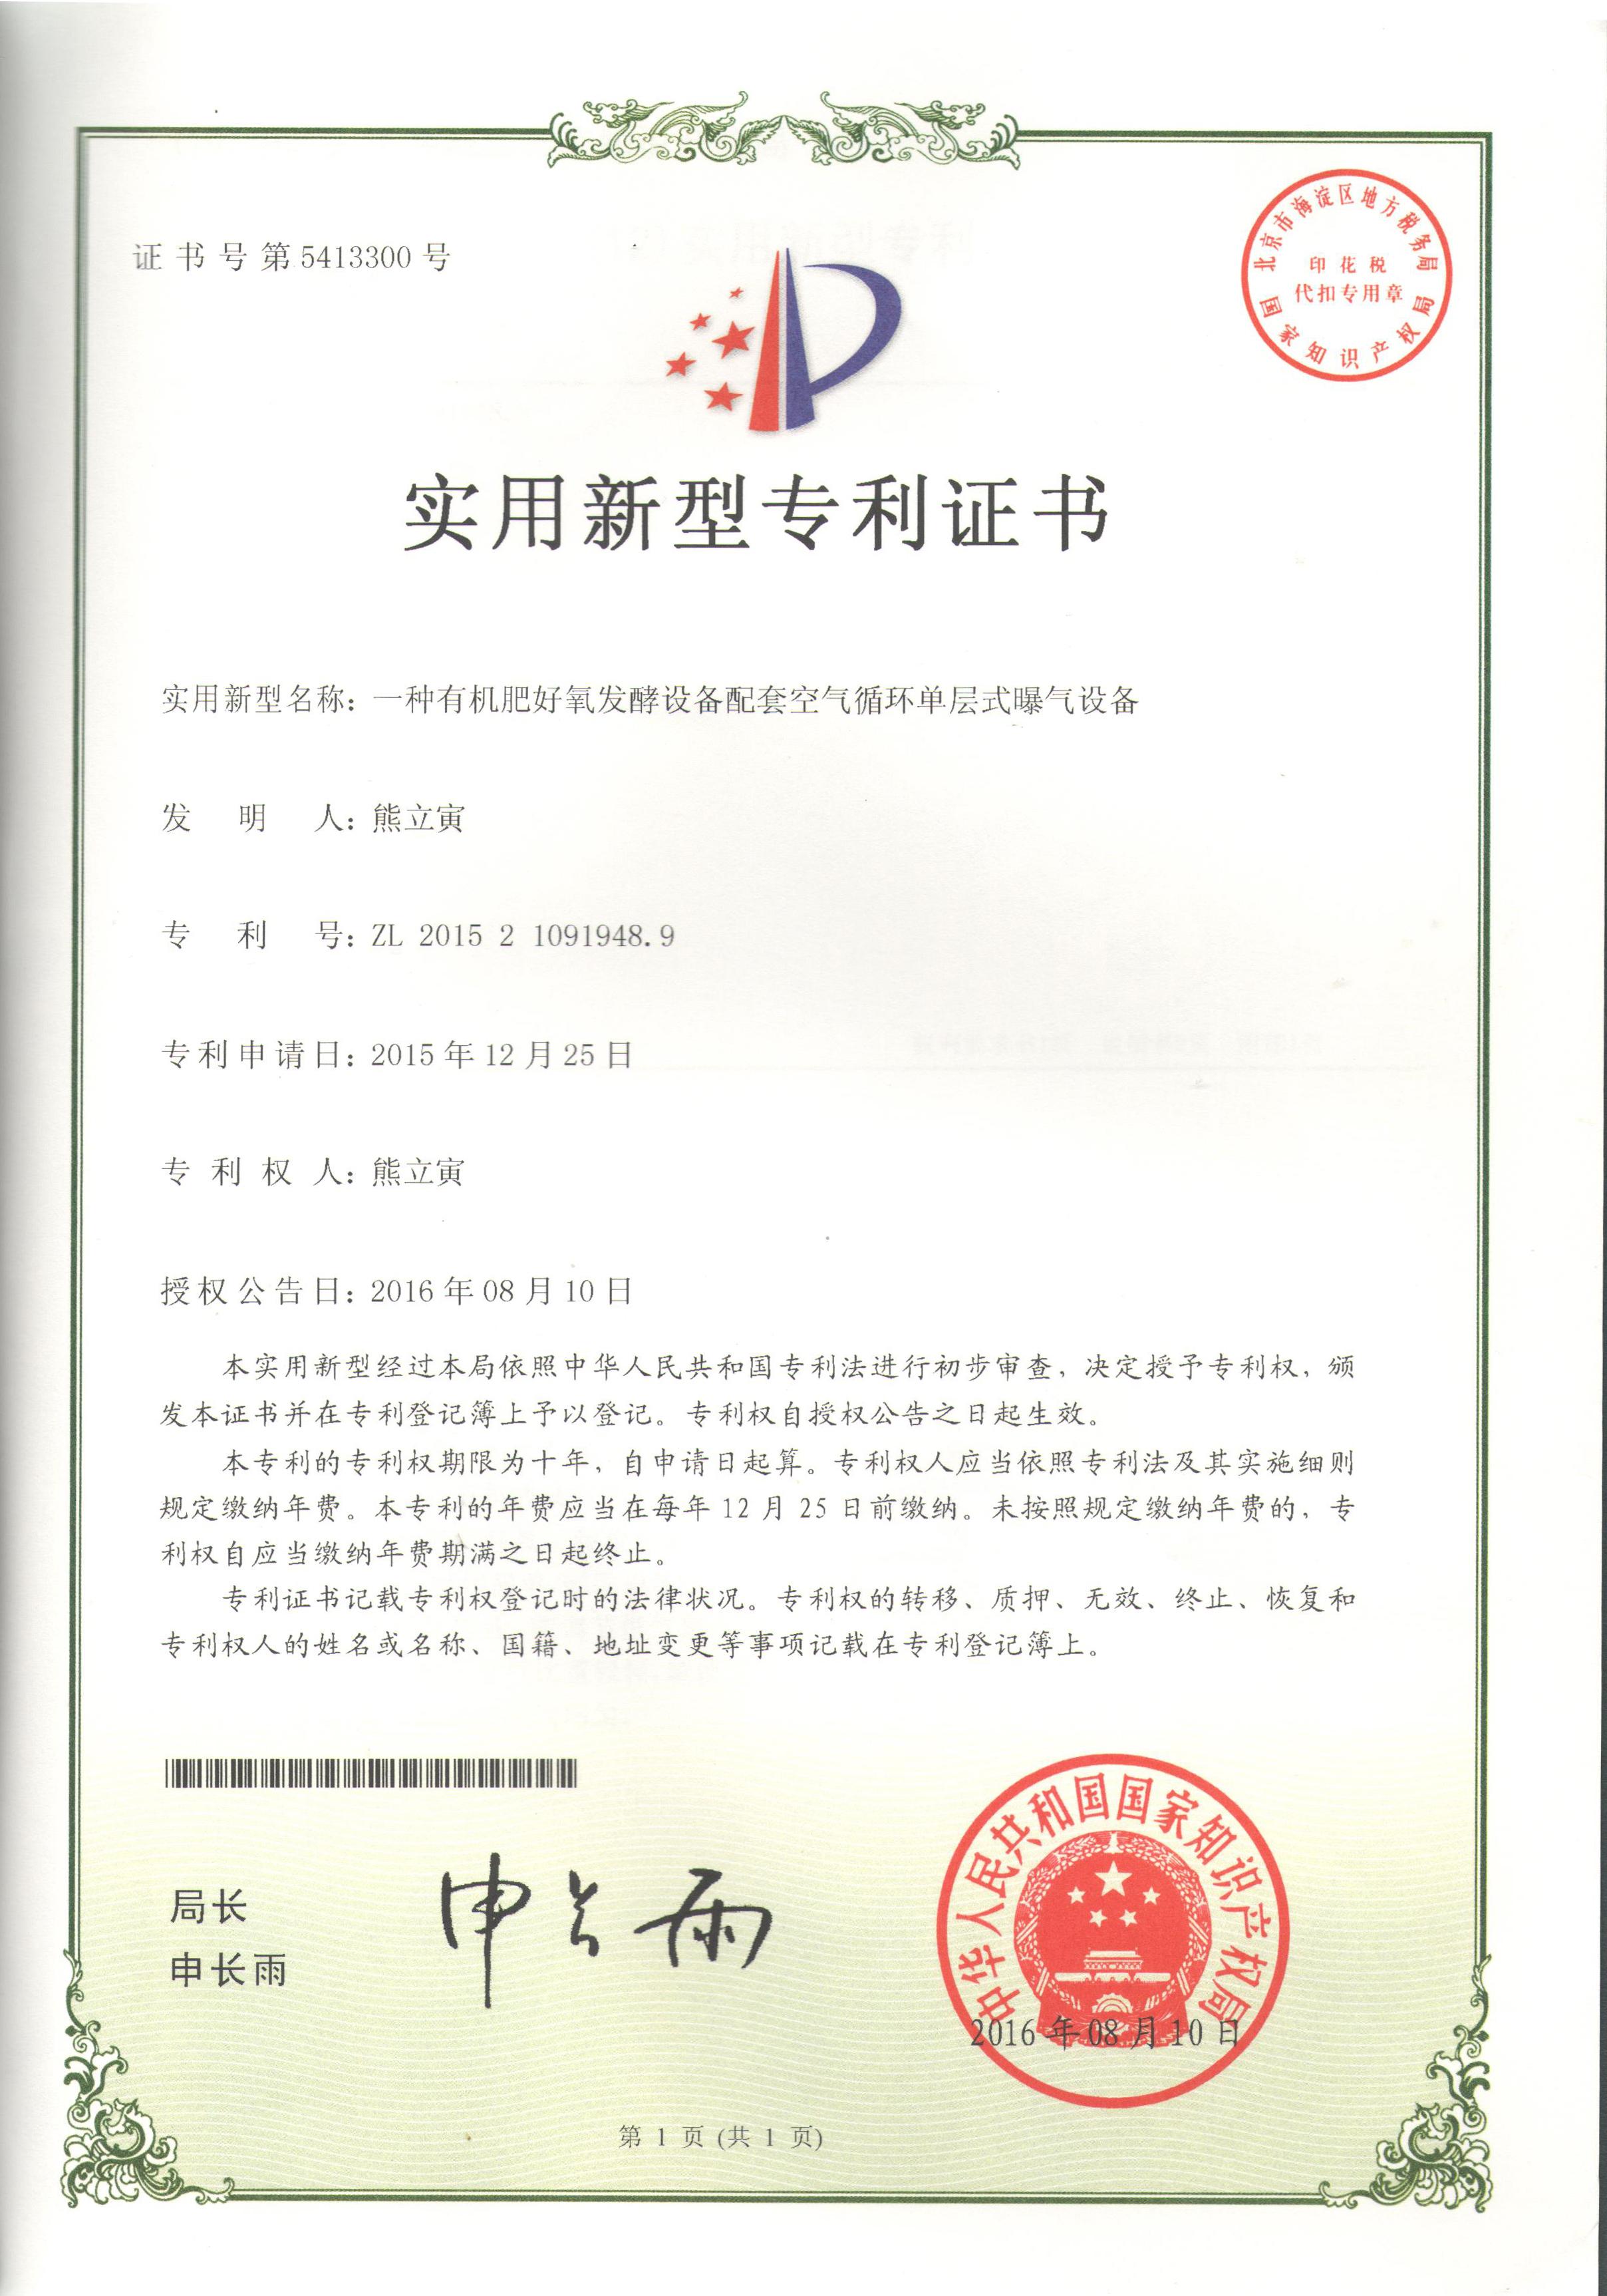 ZL201521091948.9一種有機肥好氧發酵設備配套空氣循環單層式曝氣設備1